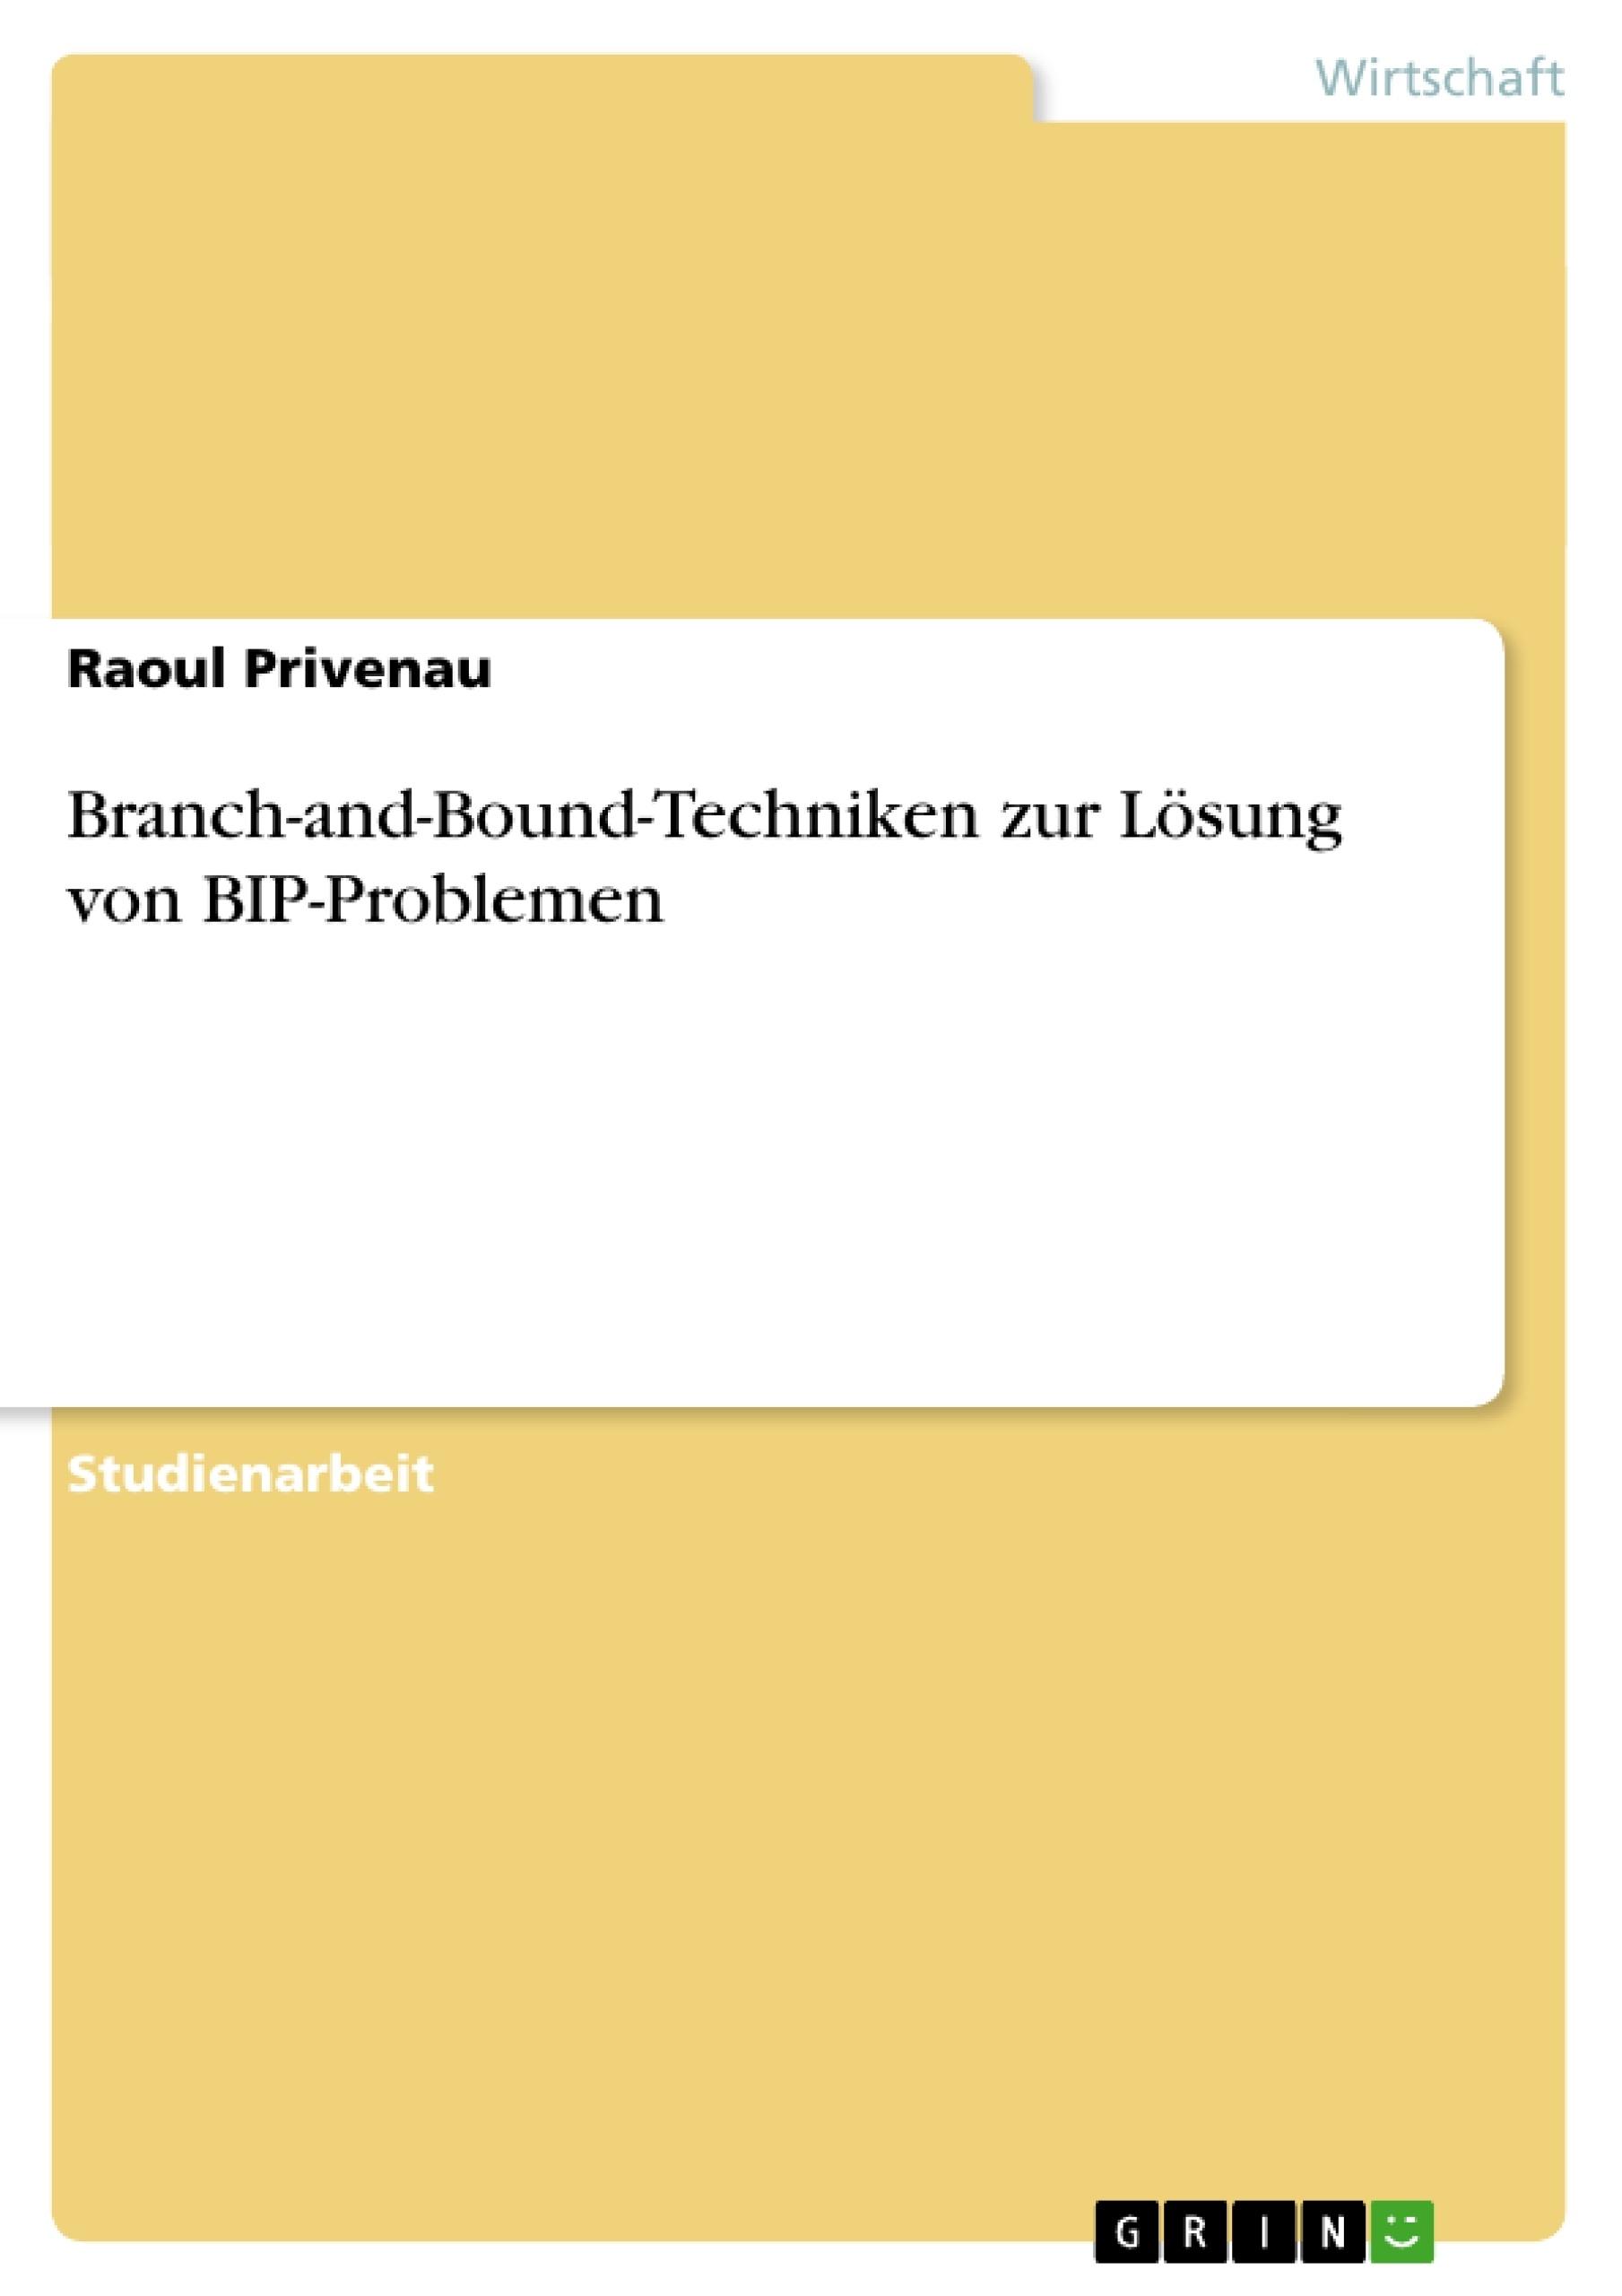 Titel: Branch-and-Bound-Techniken zur Lösung von BIP-Problemen